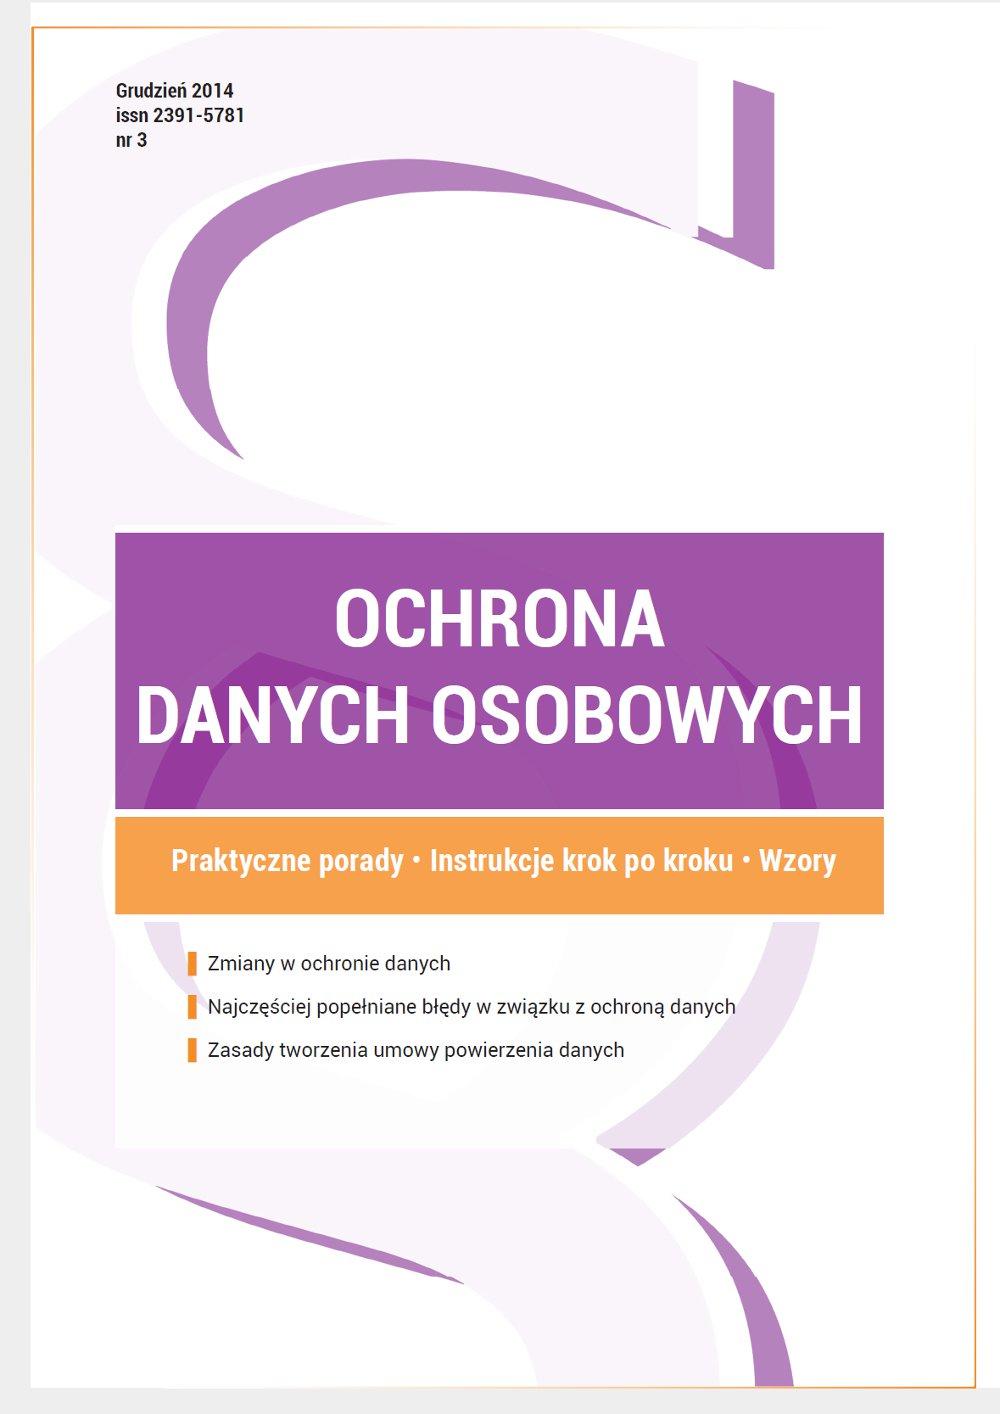 Ochrona danych osobowych - wydanie grudzień 2014 r. - Ebook (Książka PDF) do pobrania w formacie PDF